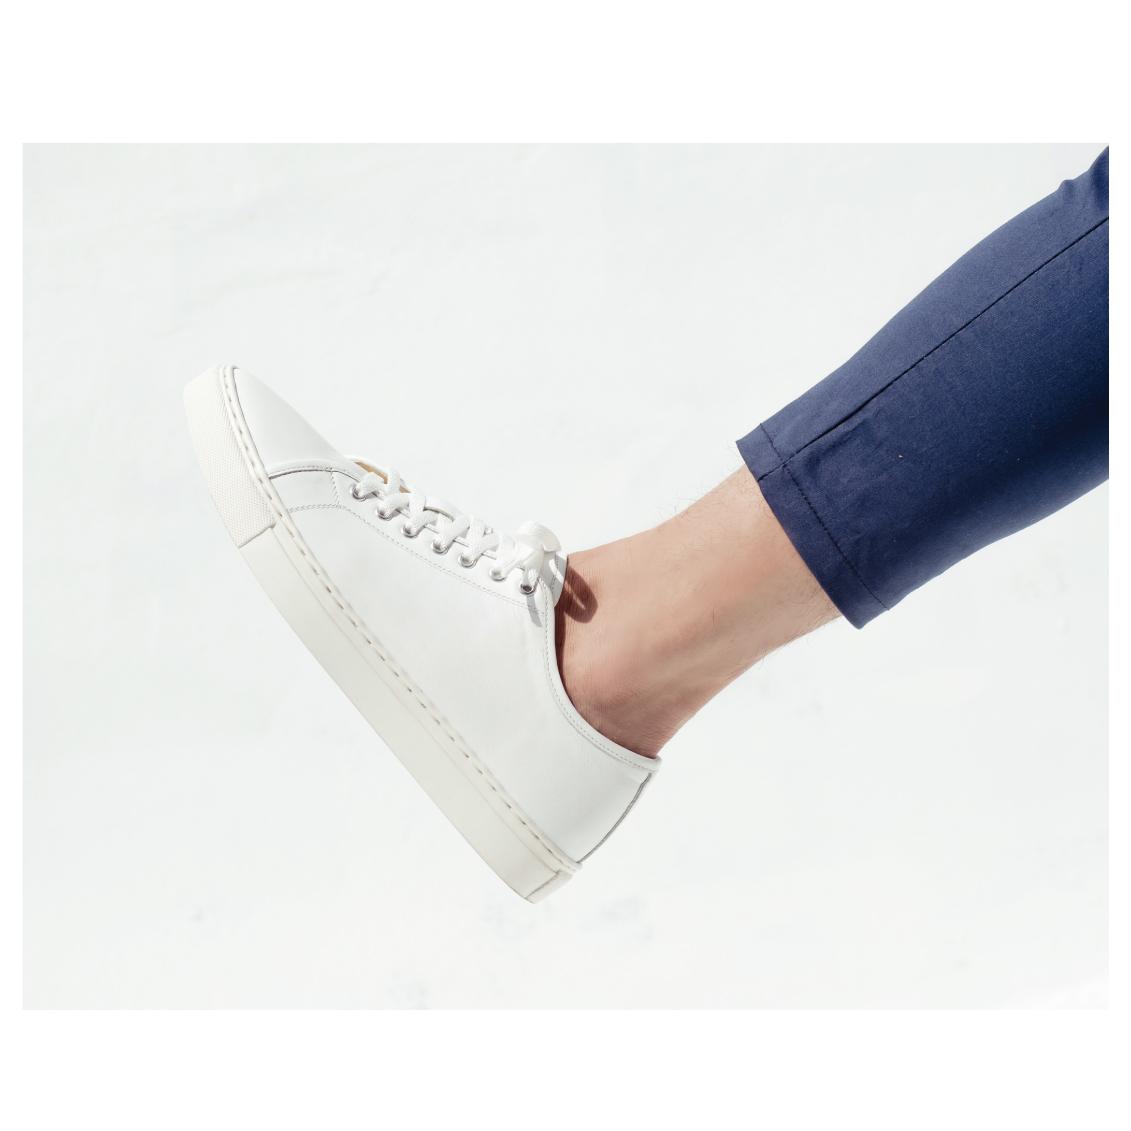 ผู้ชาย,men,รองเท้า,รองเท้าผู้ชาย,สนีกเกอร์,รองเท้าผ้าใบ,รองเท้าหุ้มส้น